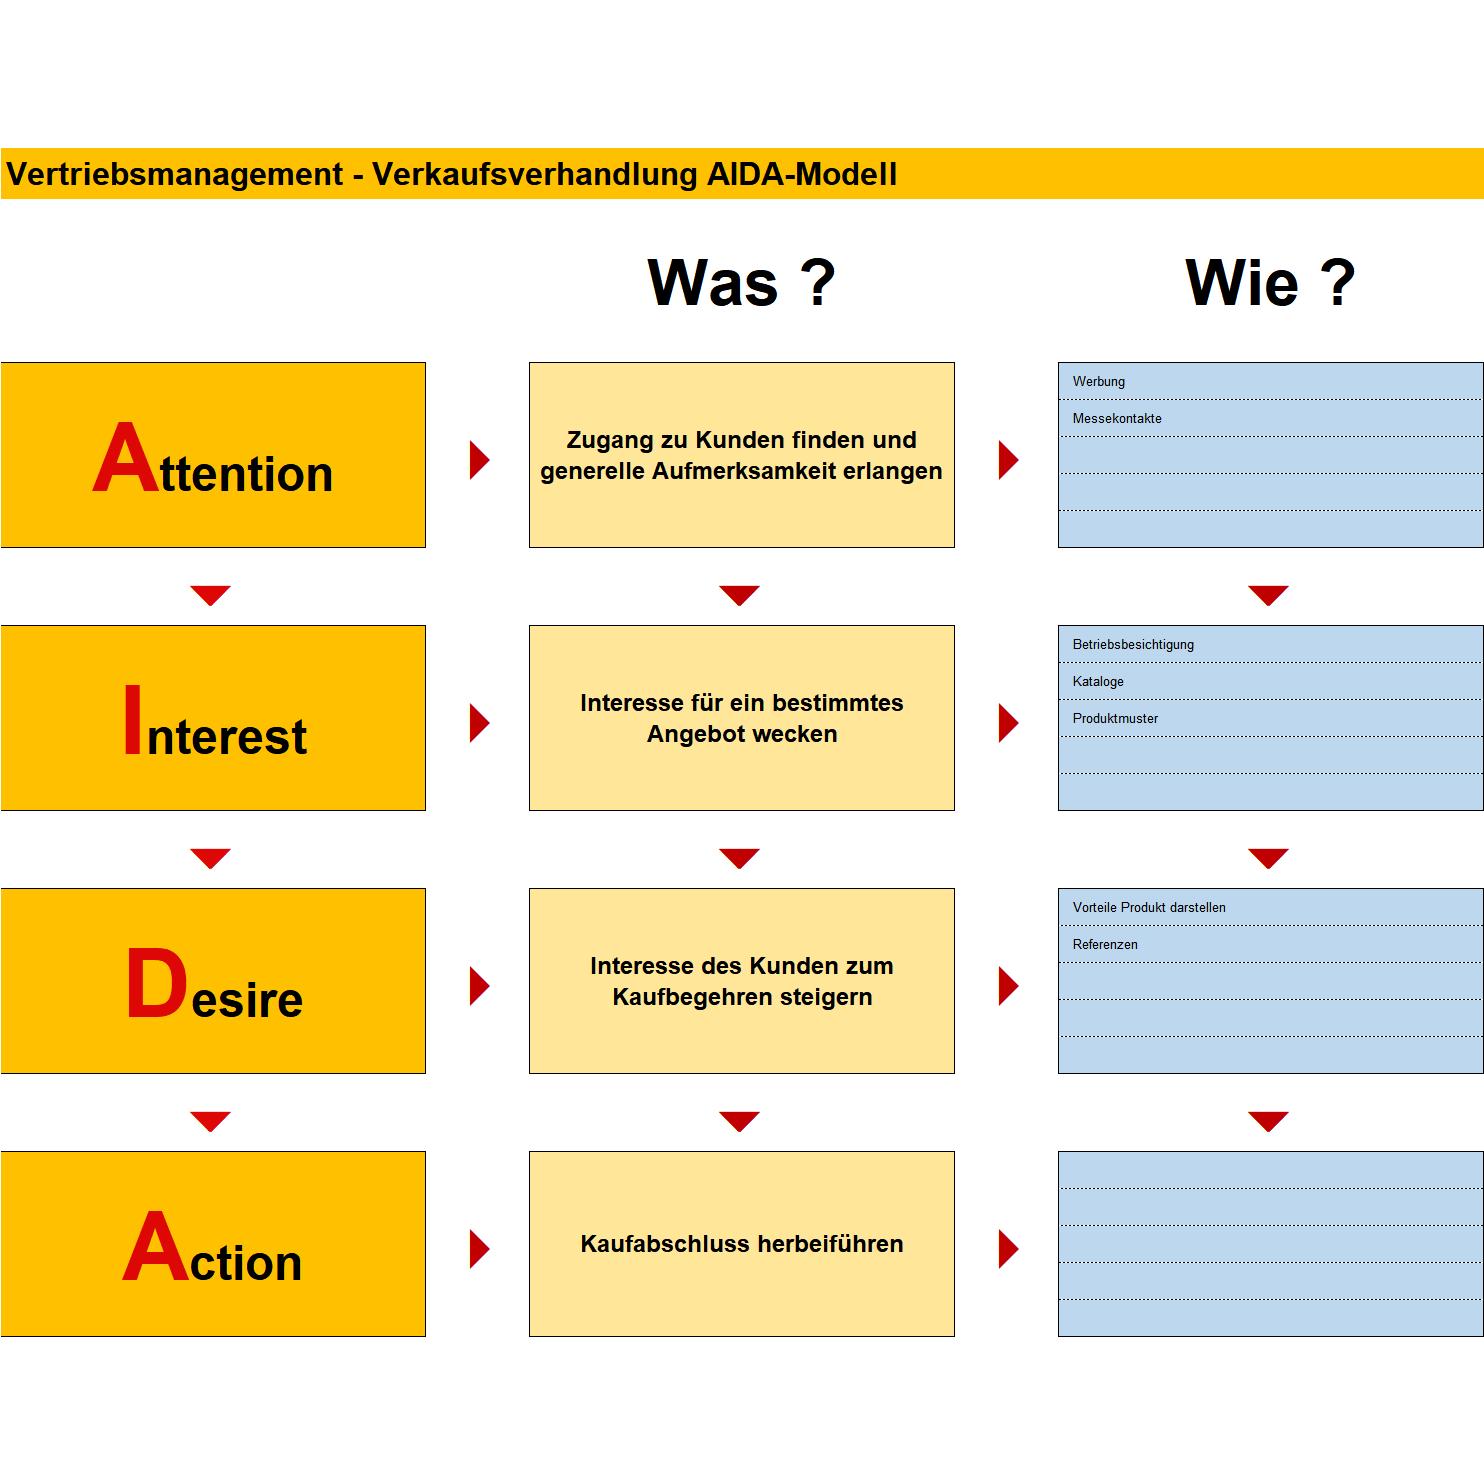 Aida Formel Einfach Erklart Mit Konkreten Beispielen 11